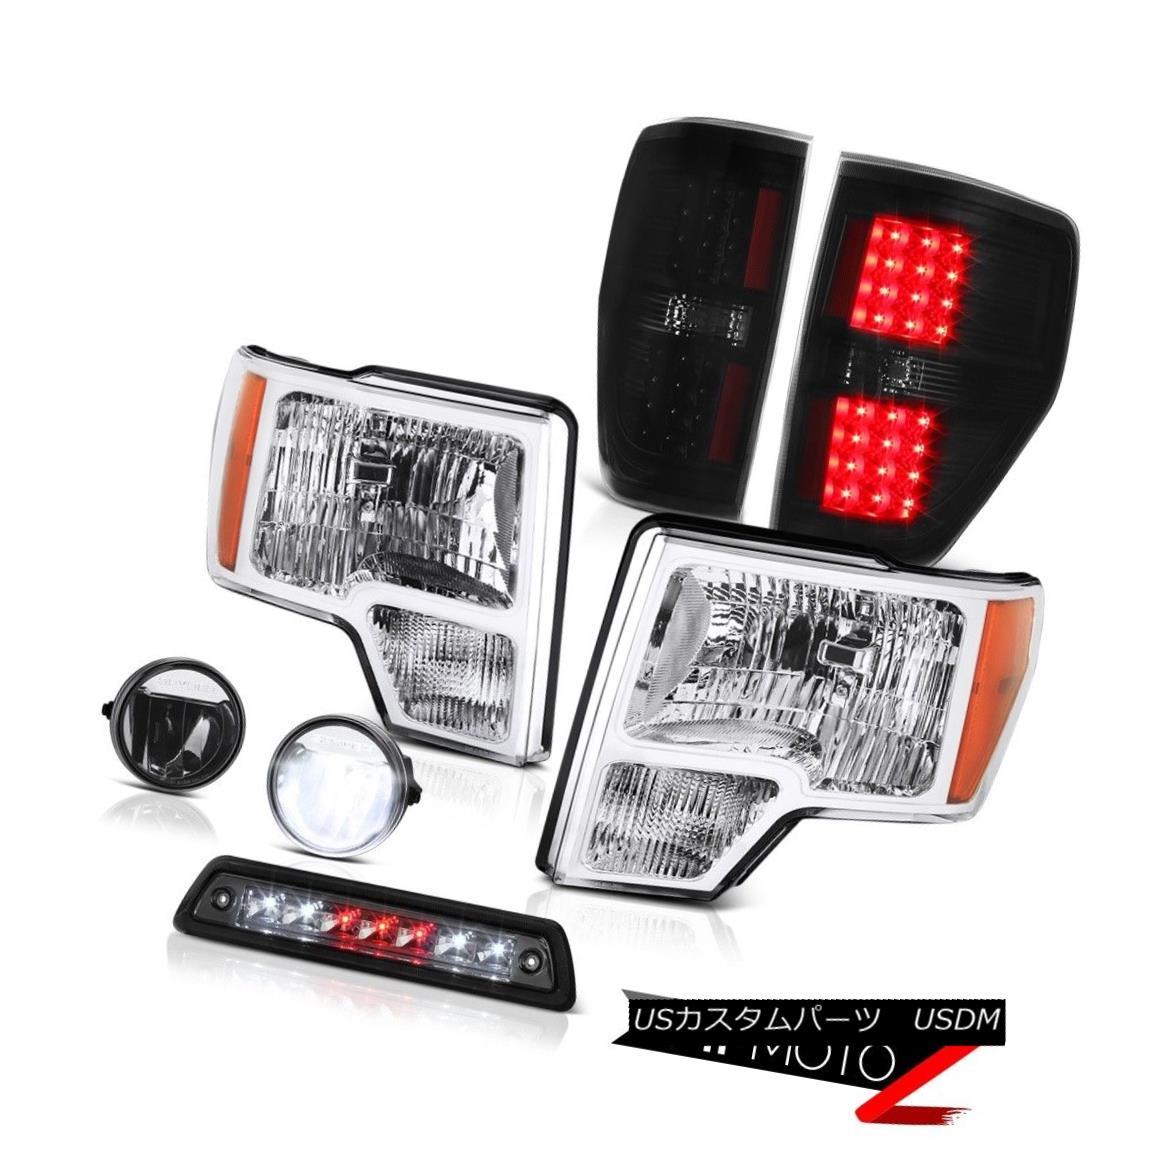 テールライト 09-14 FORD F150 XLT 3rd brake lamp fog lights rear lamps Headlights